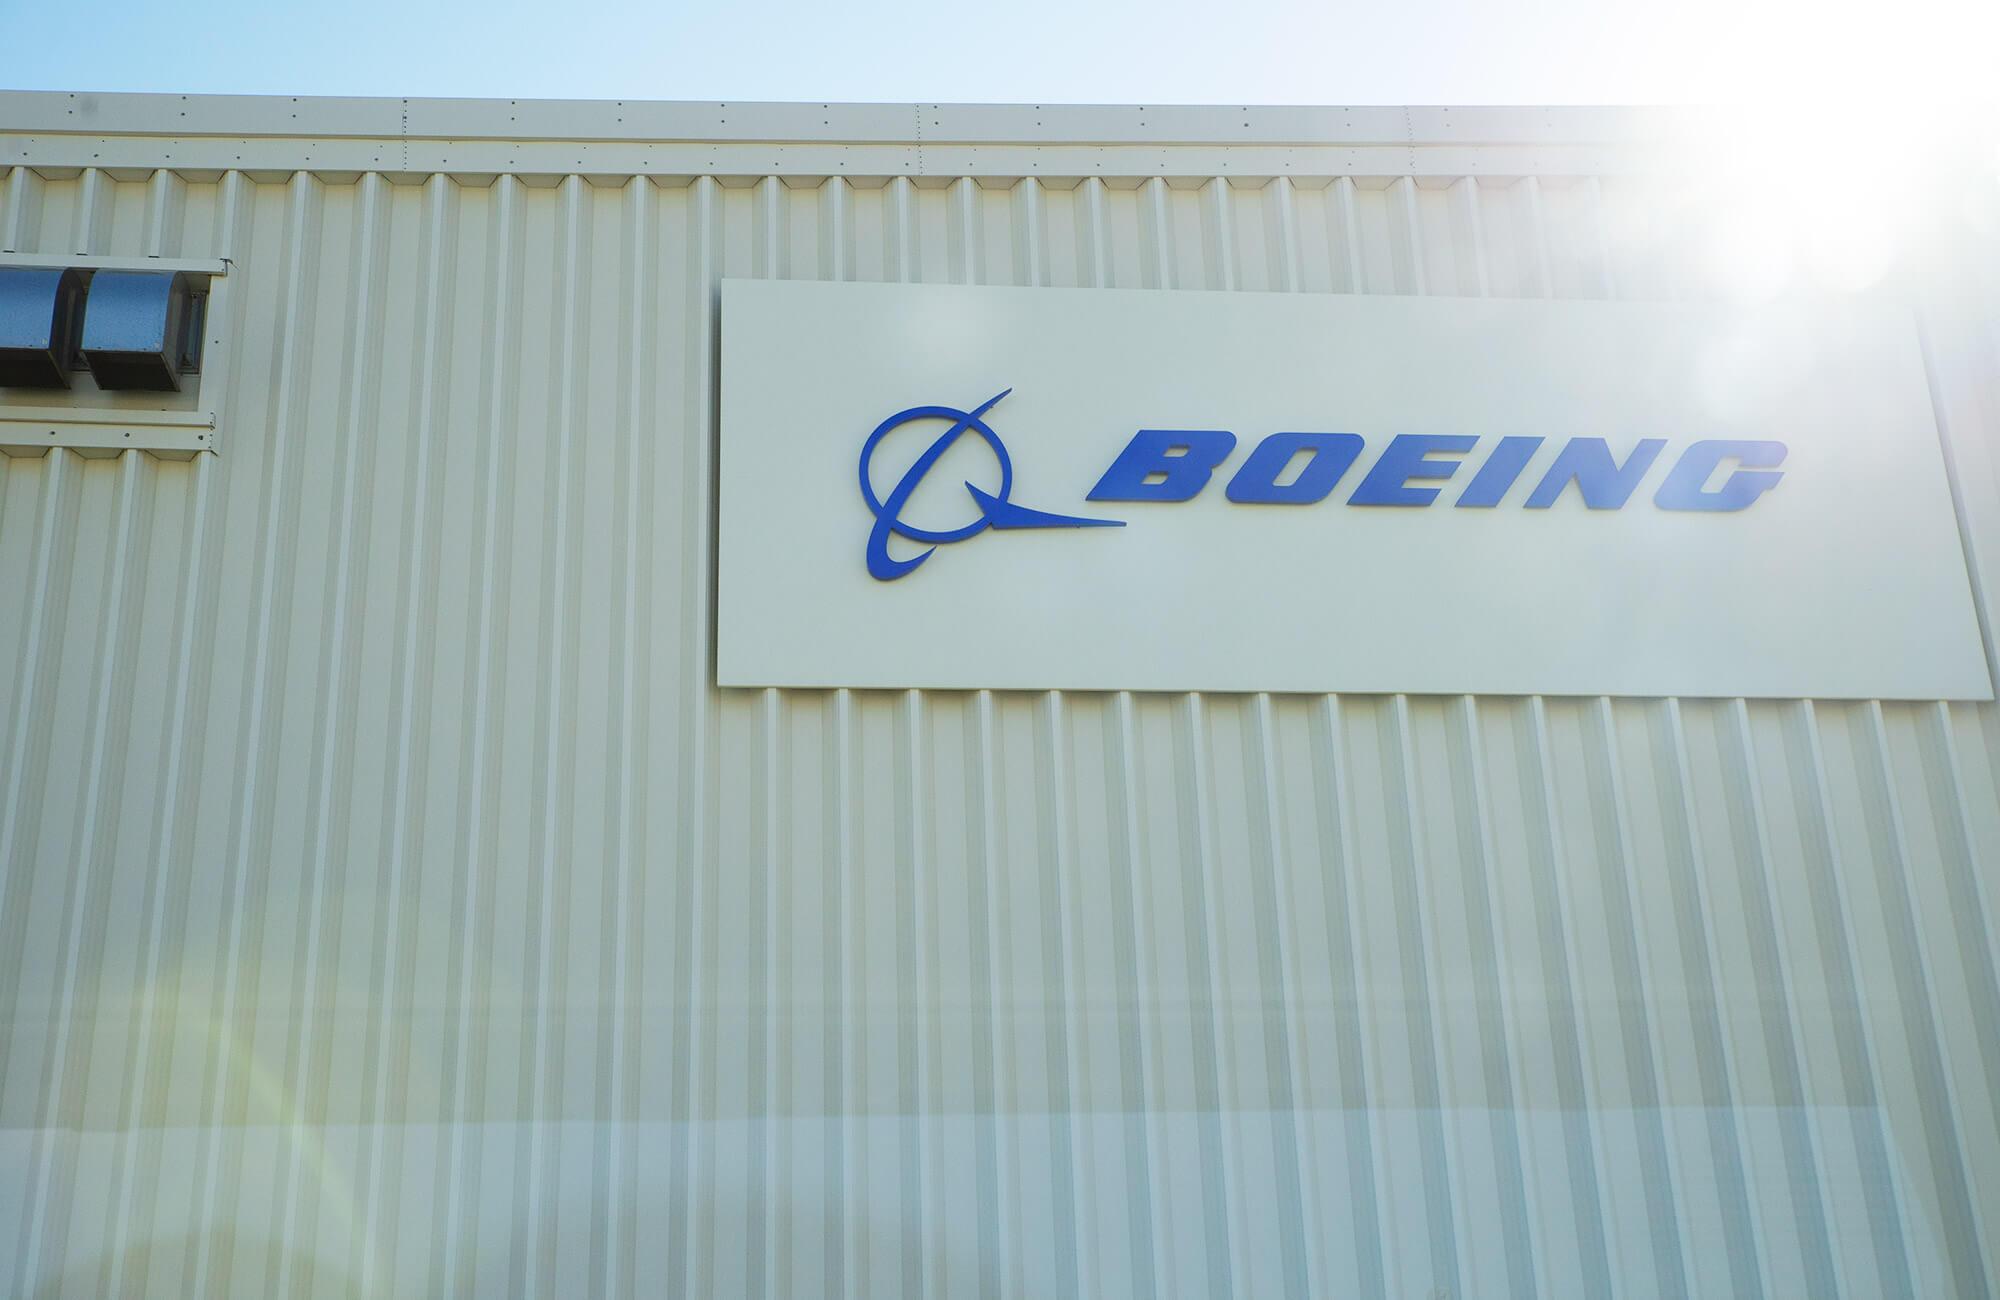 Boeing in Centrair